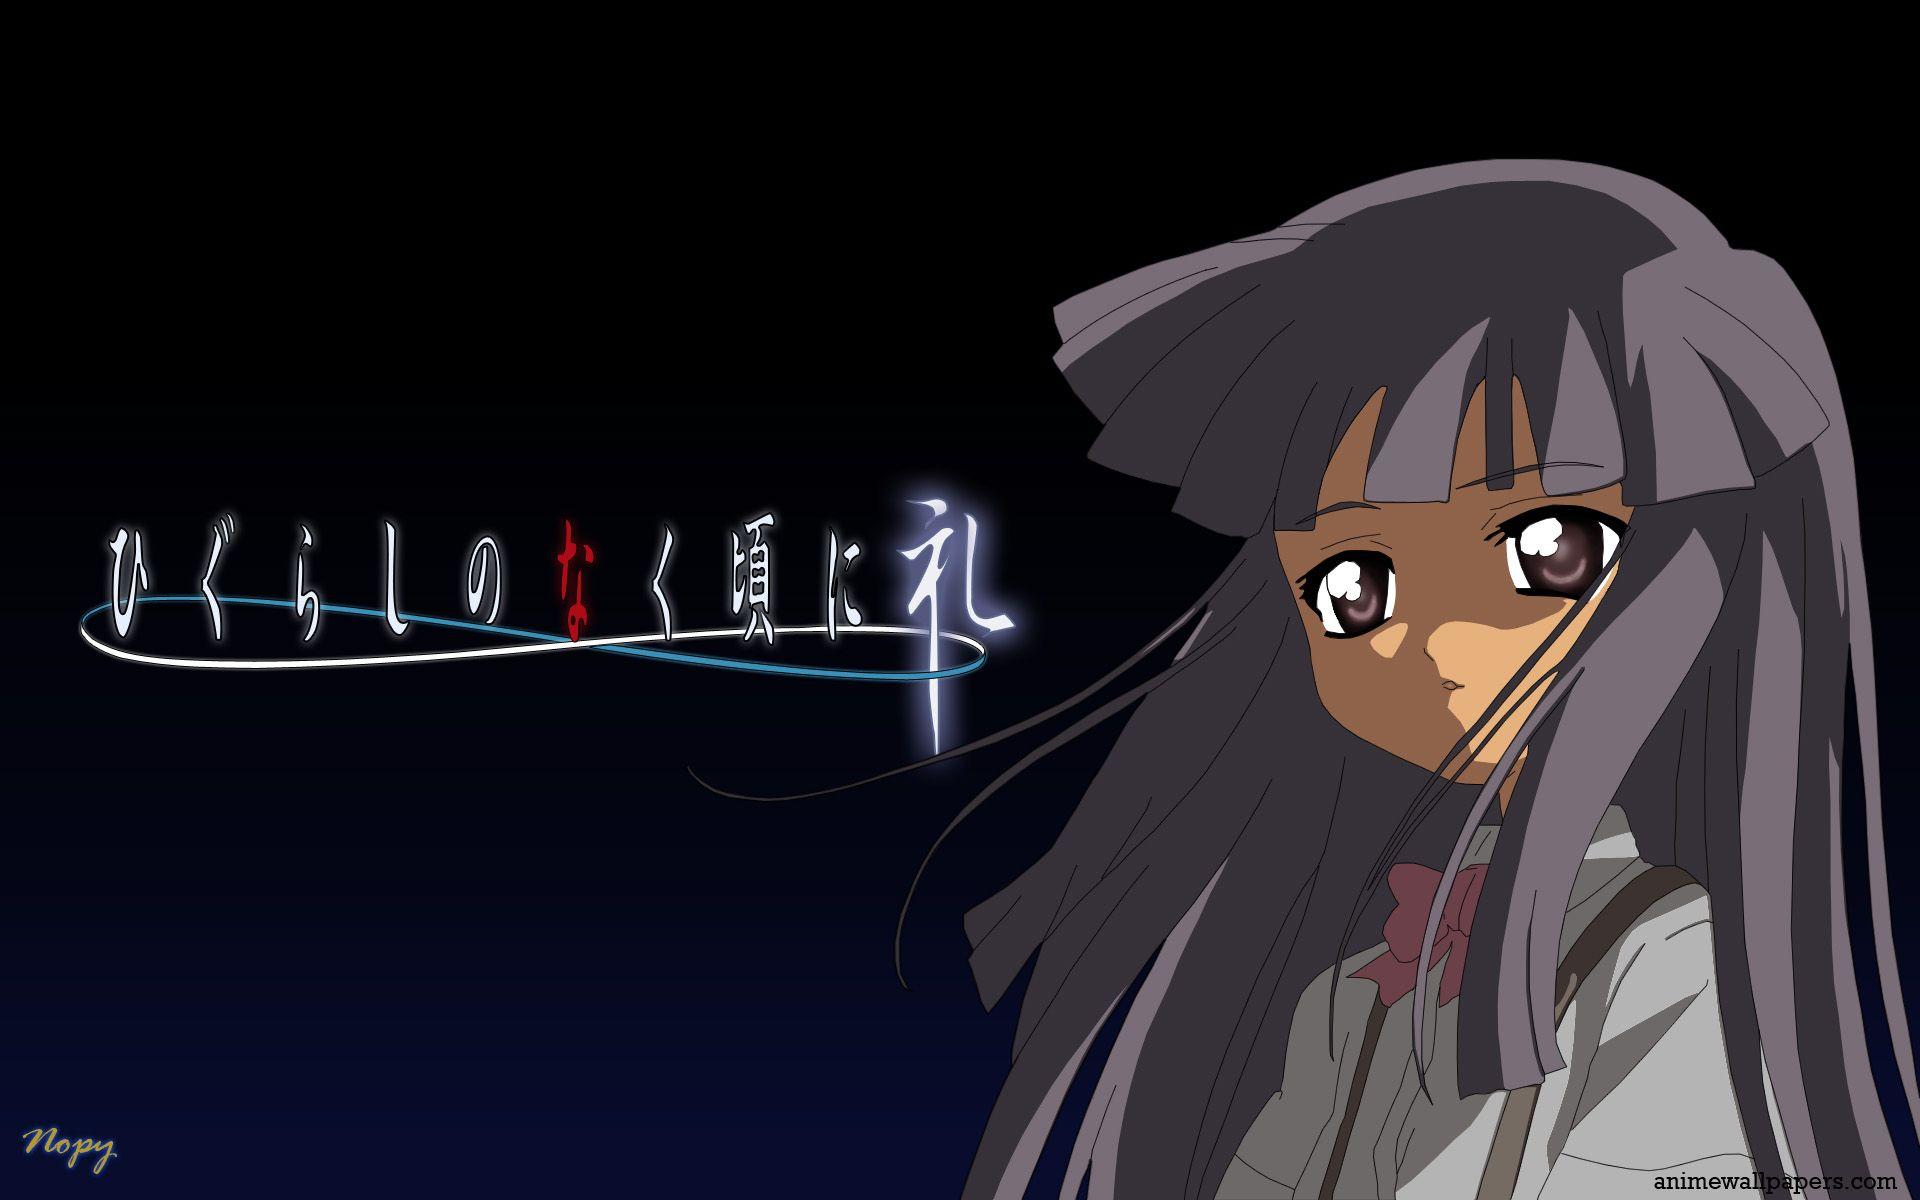 ひぐらしのなく頃に Anime, Fondos de pantalla gratis, Descargar